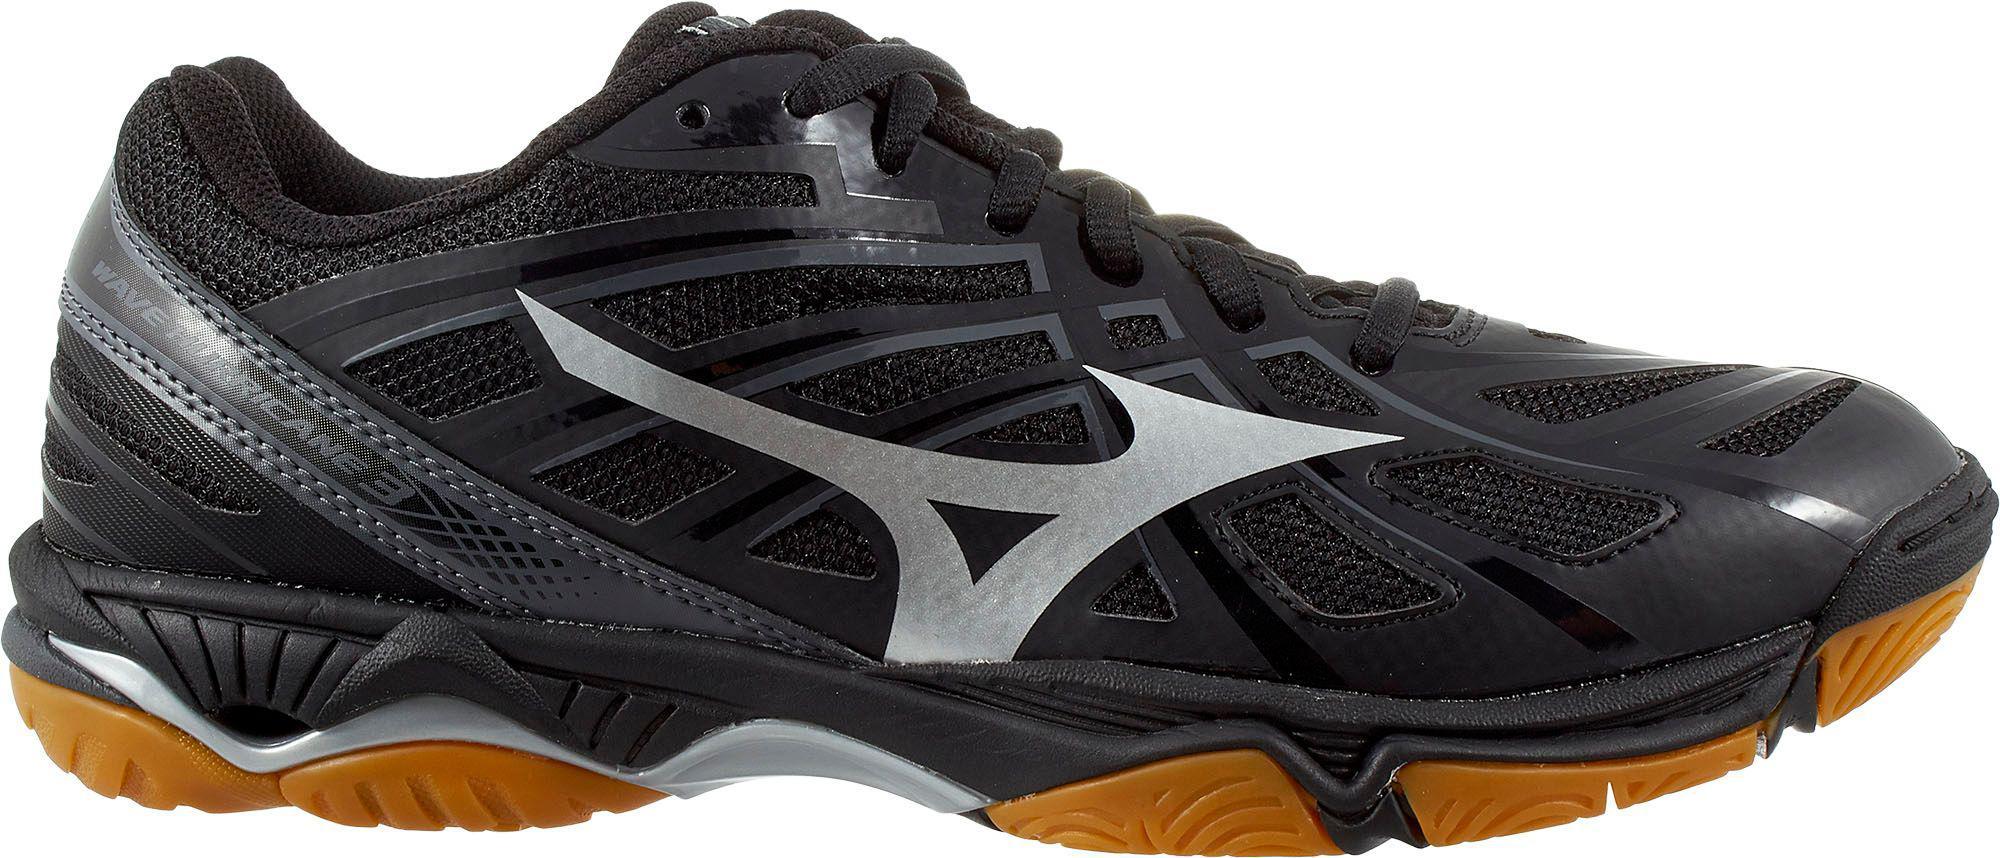 e2e32e28e Mizuno Wave Hurricane 3 Volleyball Shoes in Black - Lyst